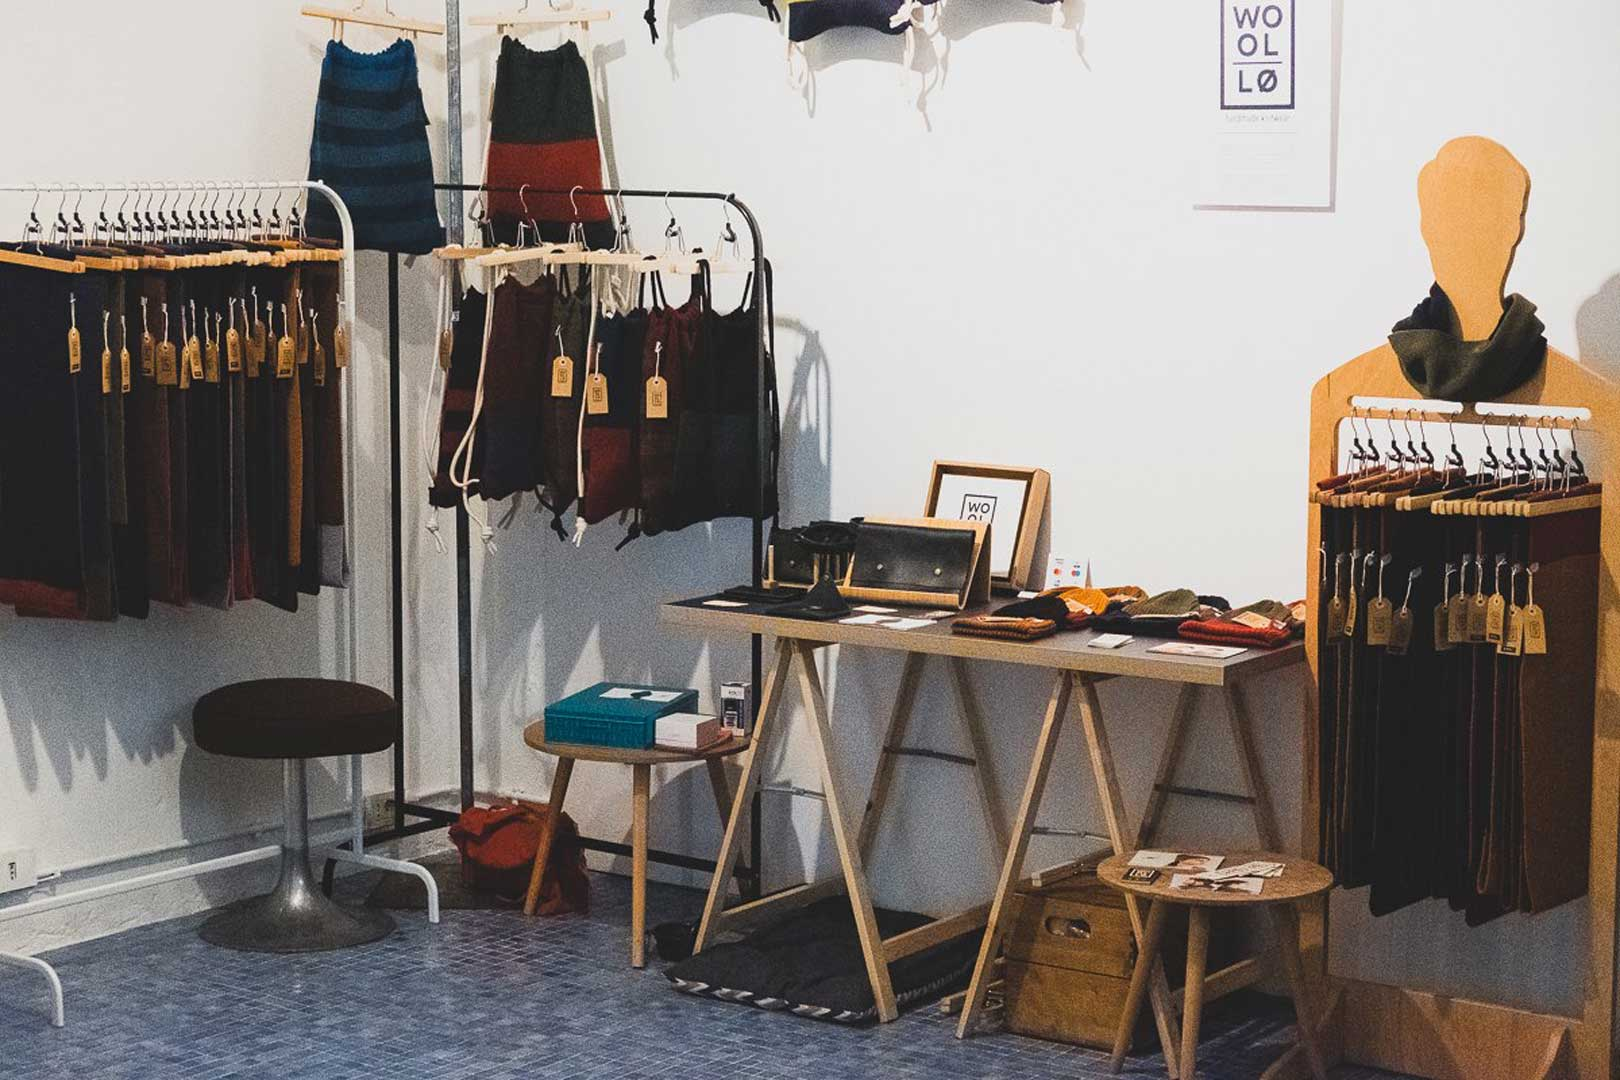 I mercatini vintage da non farsi scappare - Frida Market